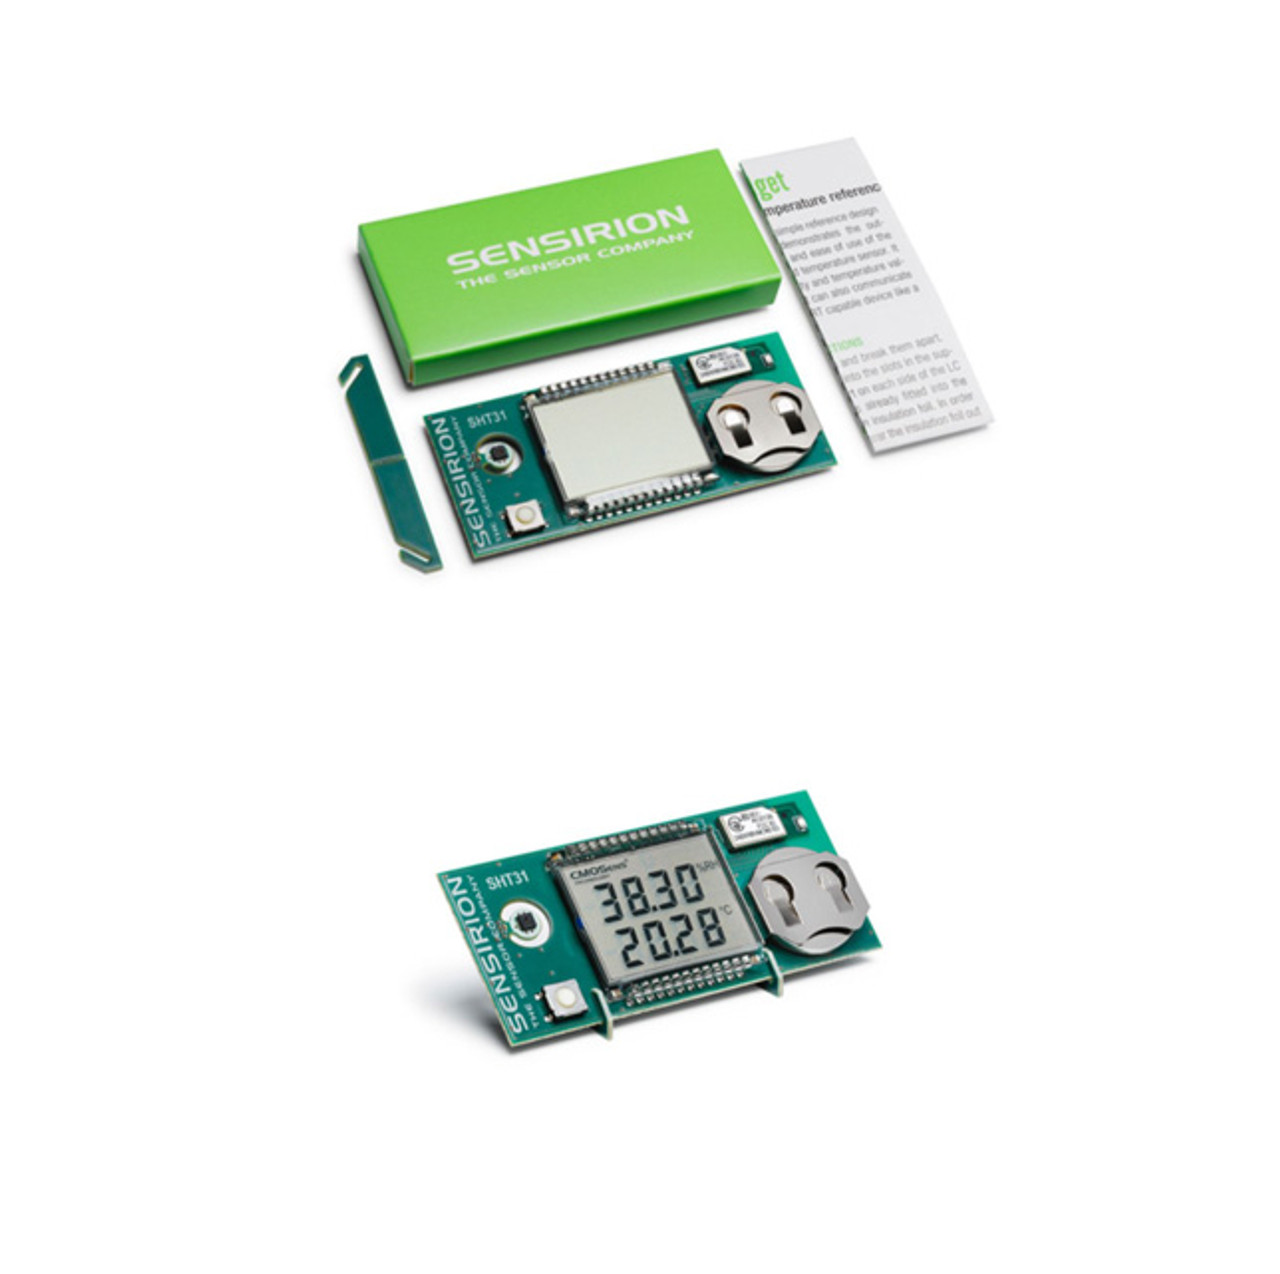 SHT31 SMART GADGET - Smart Gadget Development Kit